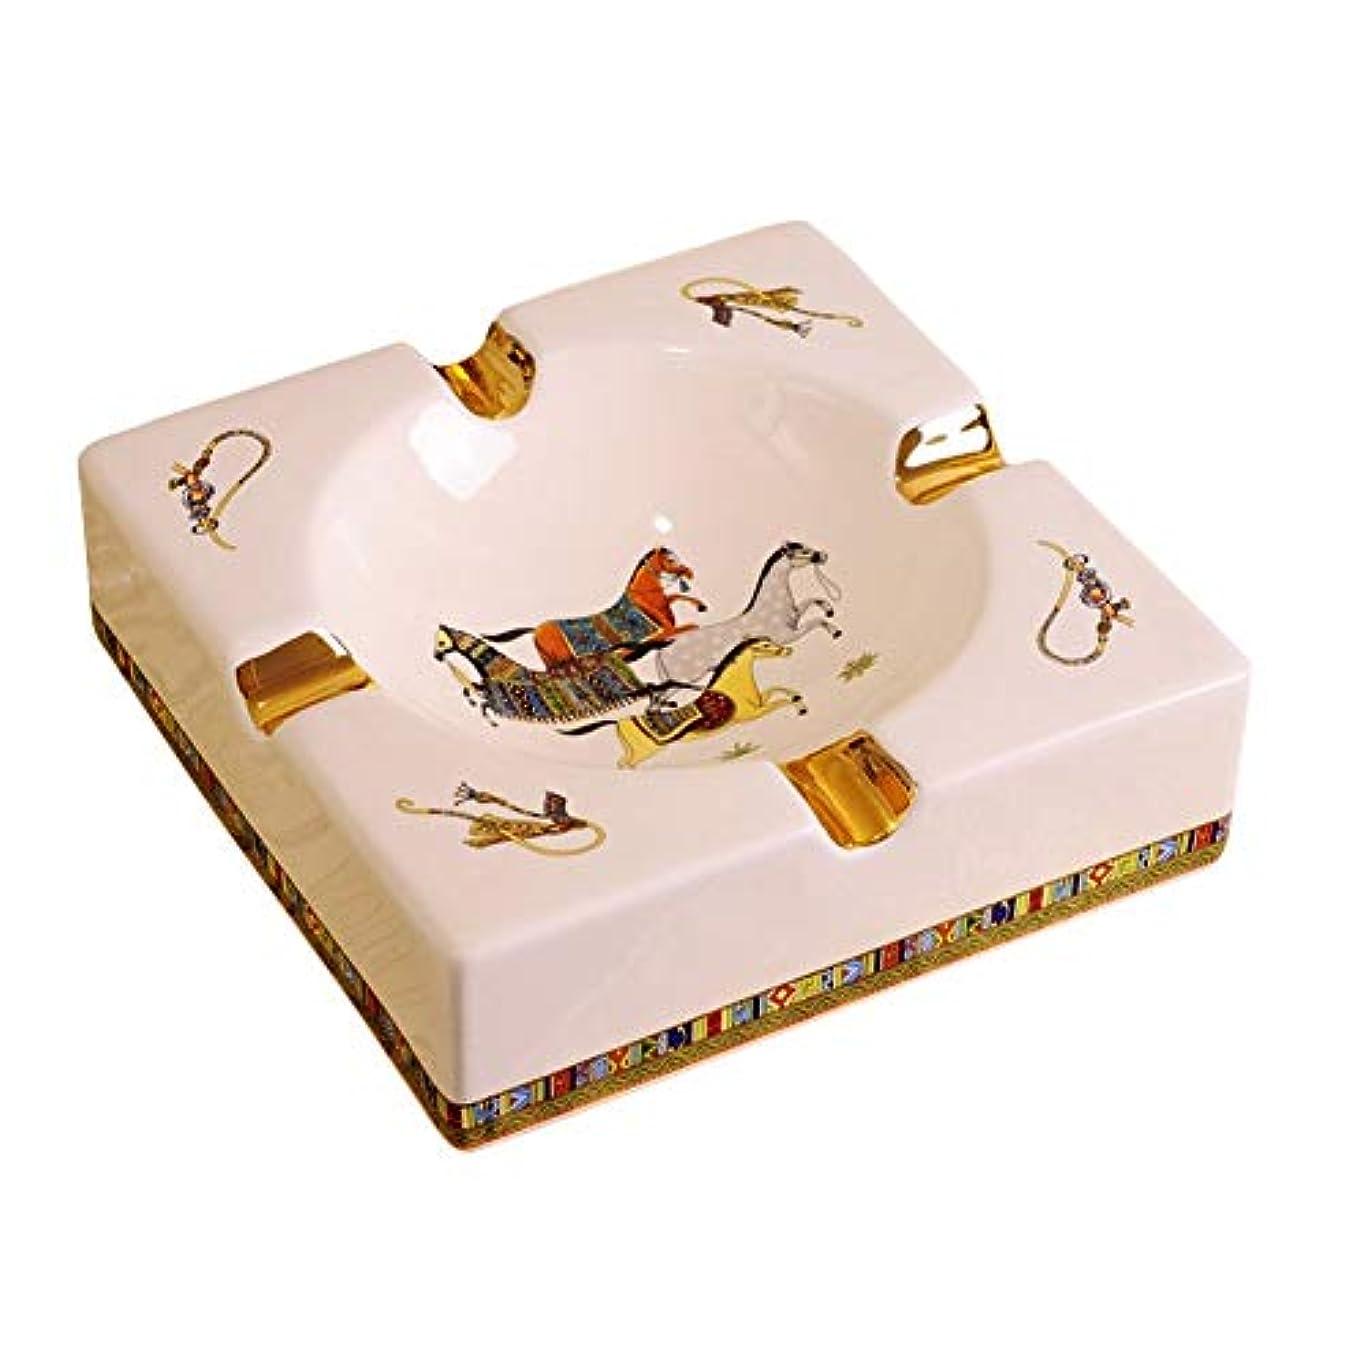 同級生助言するデマンド4溝馬のパターンデスクトップで豪華ヨーロッパスタイルの葉巻灰皿屋内屋外のエレガントなホームデコレーション用の灰皿喫煙